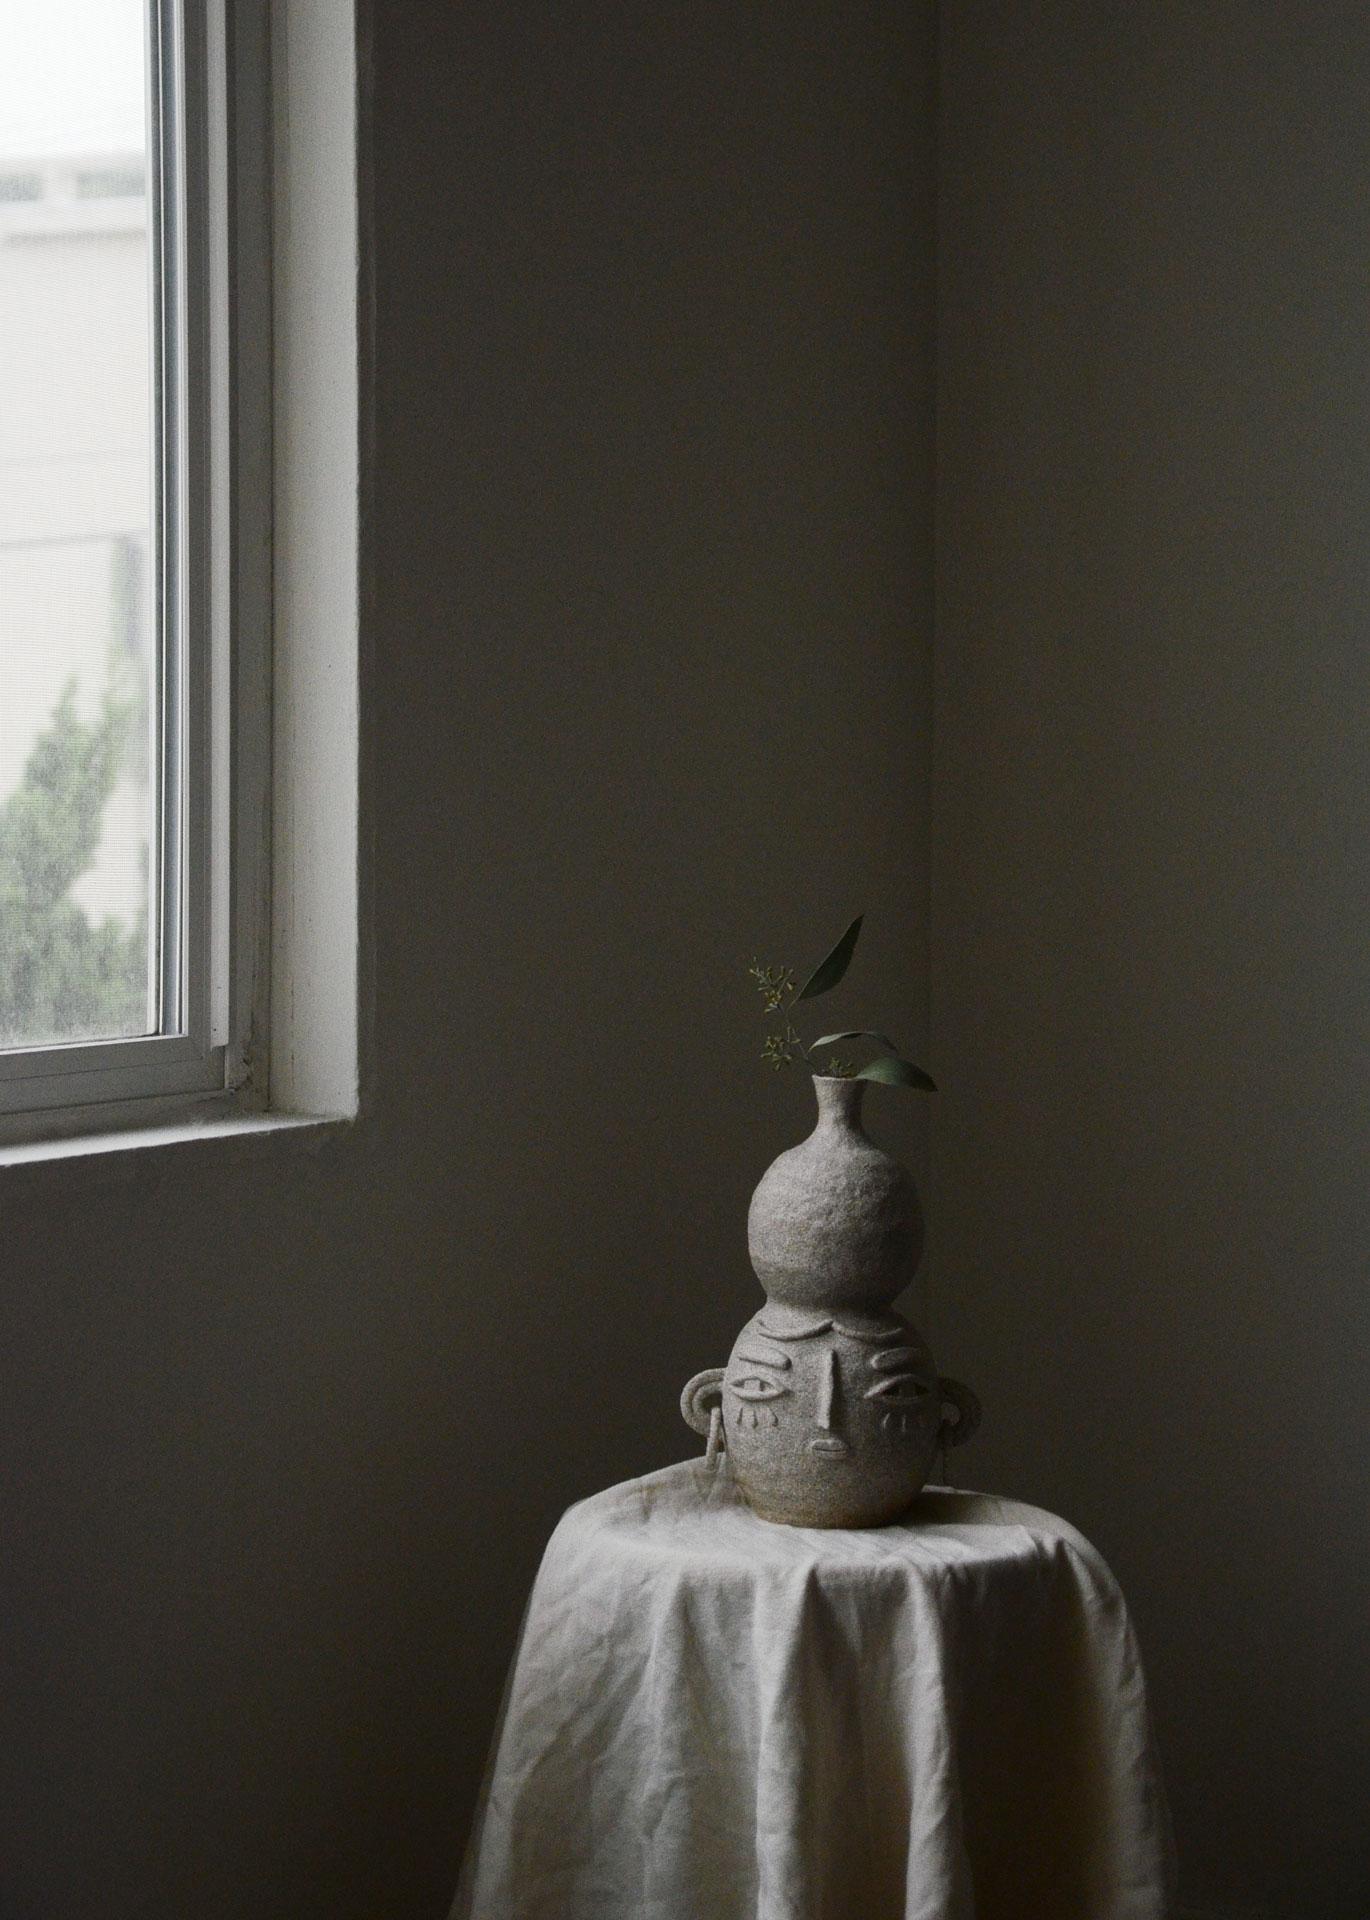 Ceramic vase with face